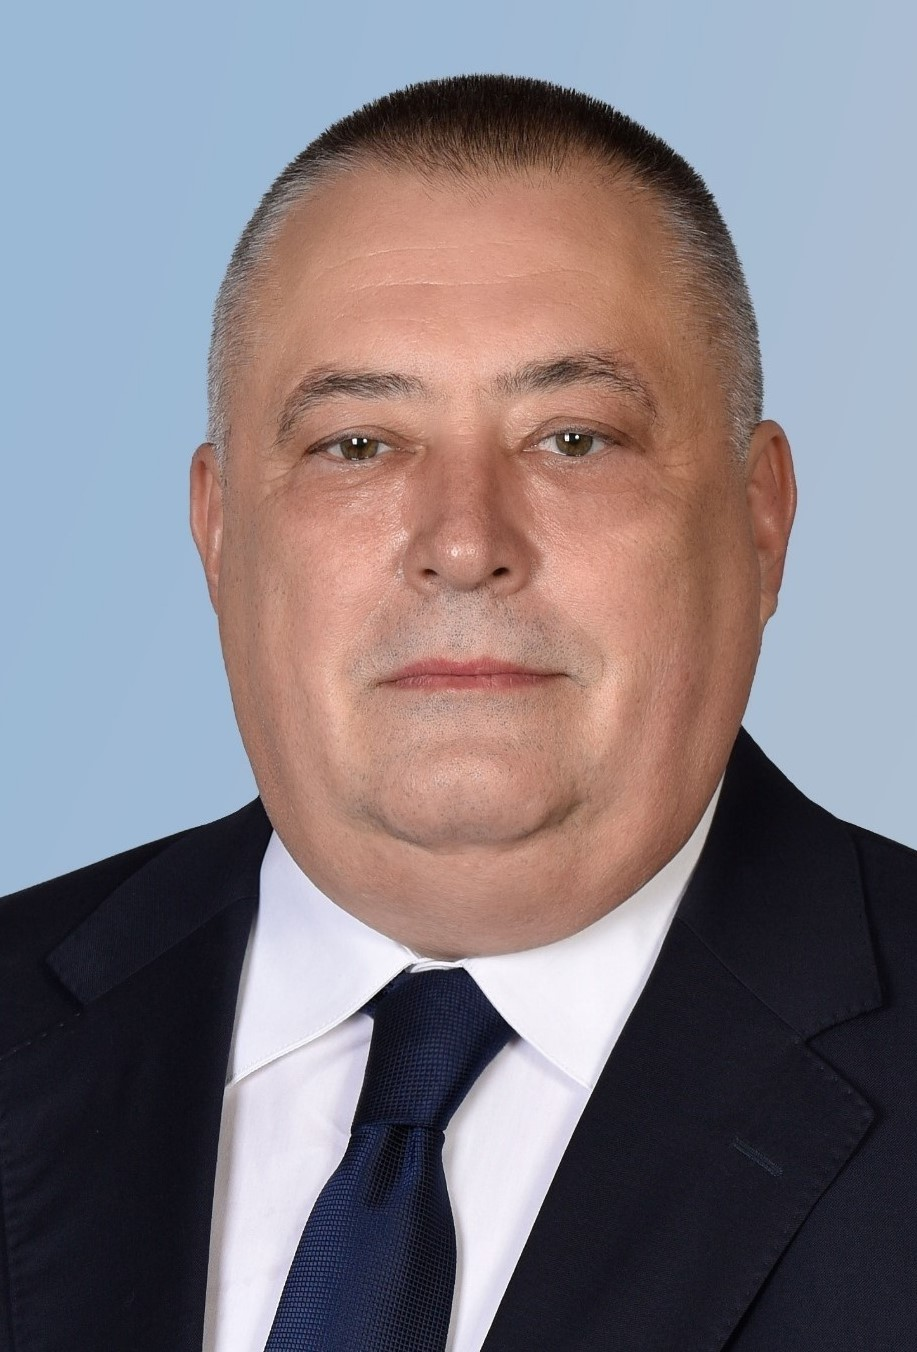 Mihai Genoiu